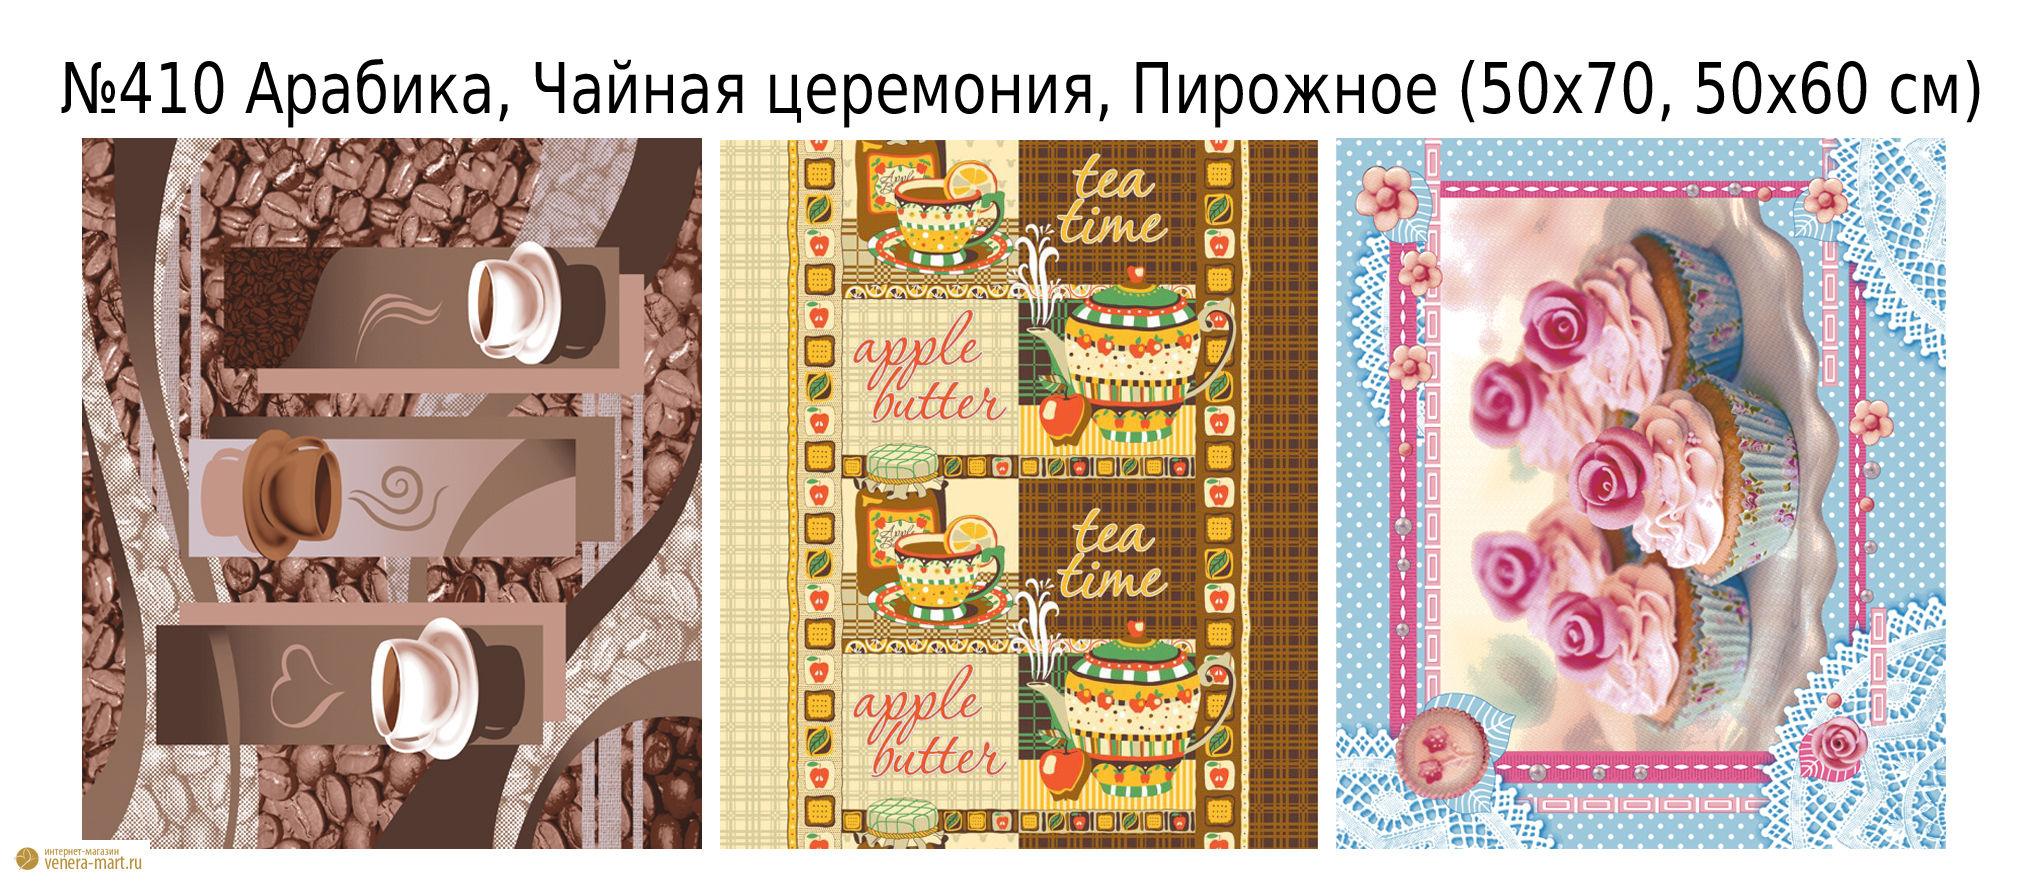 """Набор вафельных полотенец """"Арабика"""", """"Чайная церемония"""", """"Пирожное"""""""